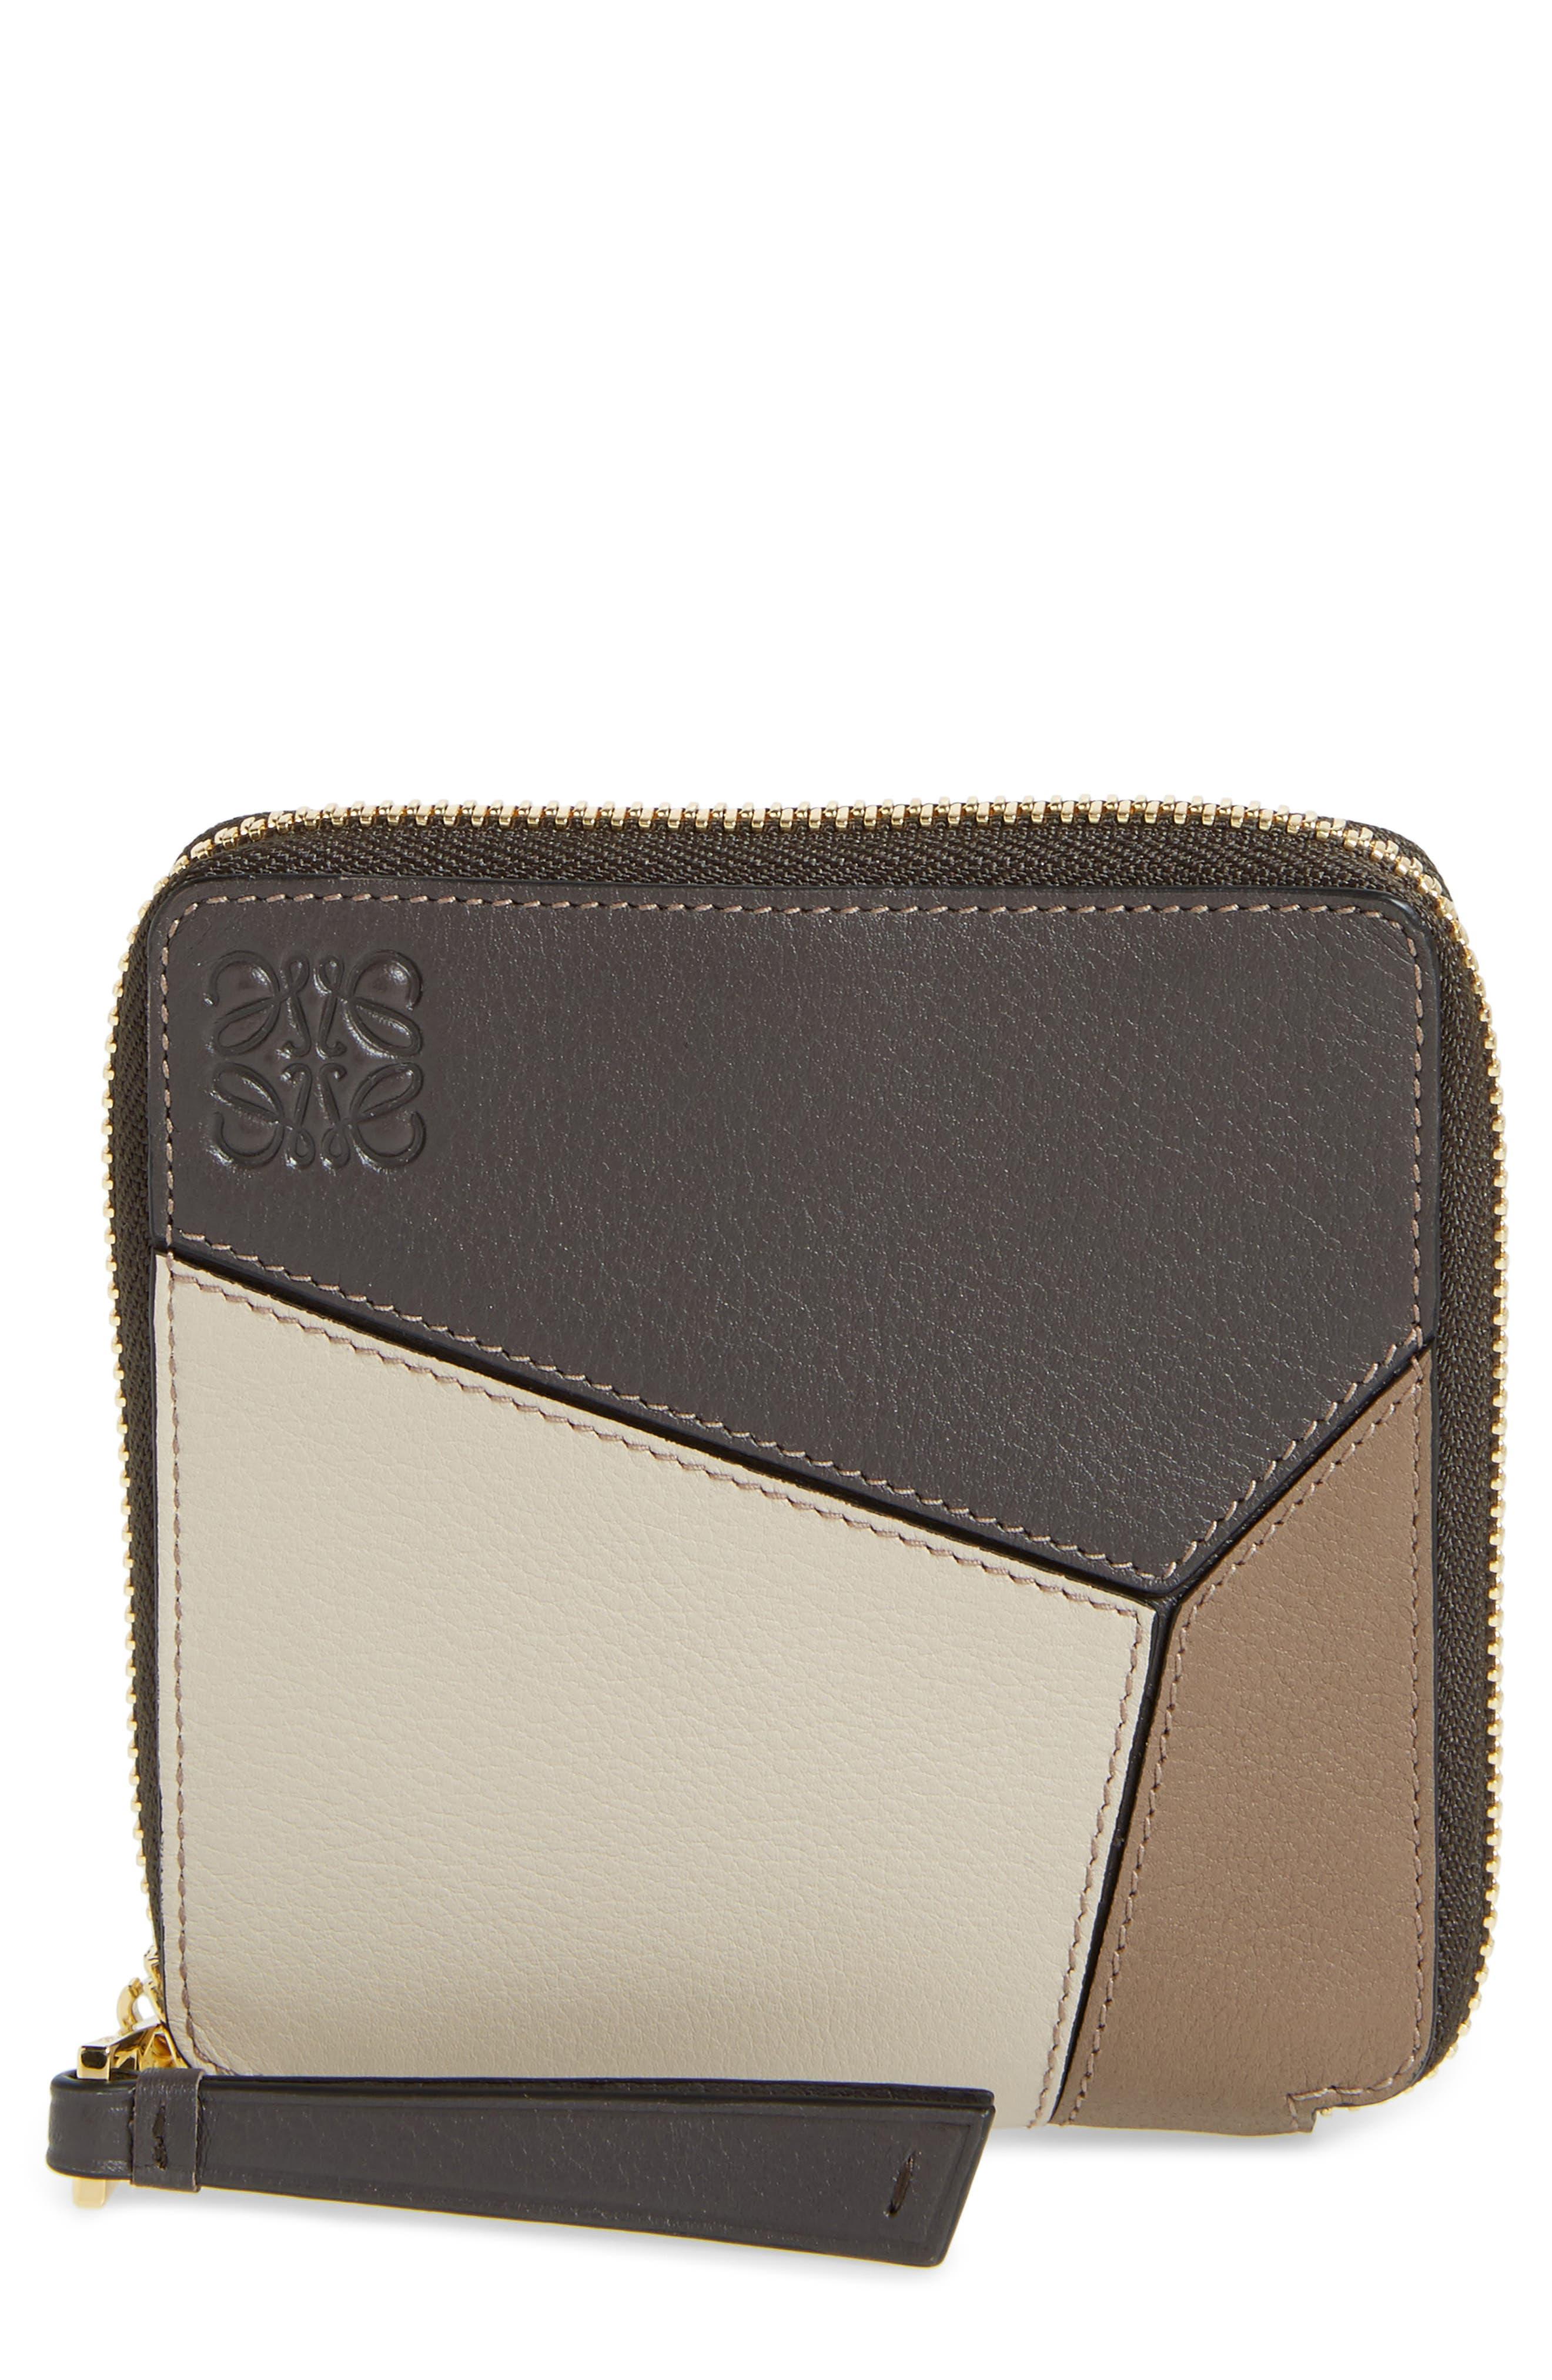 Leather Zip Around Wallet - Little Ivy by VIDA VIDA AZPFoeZ5